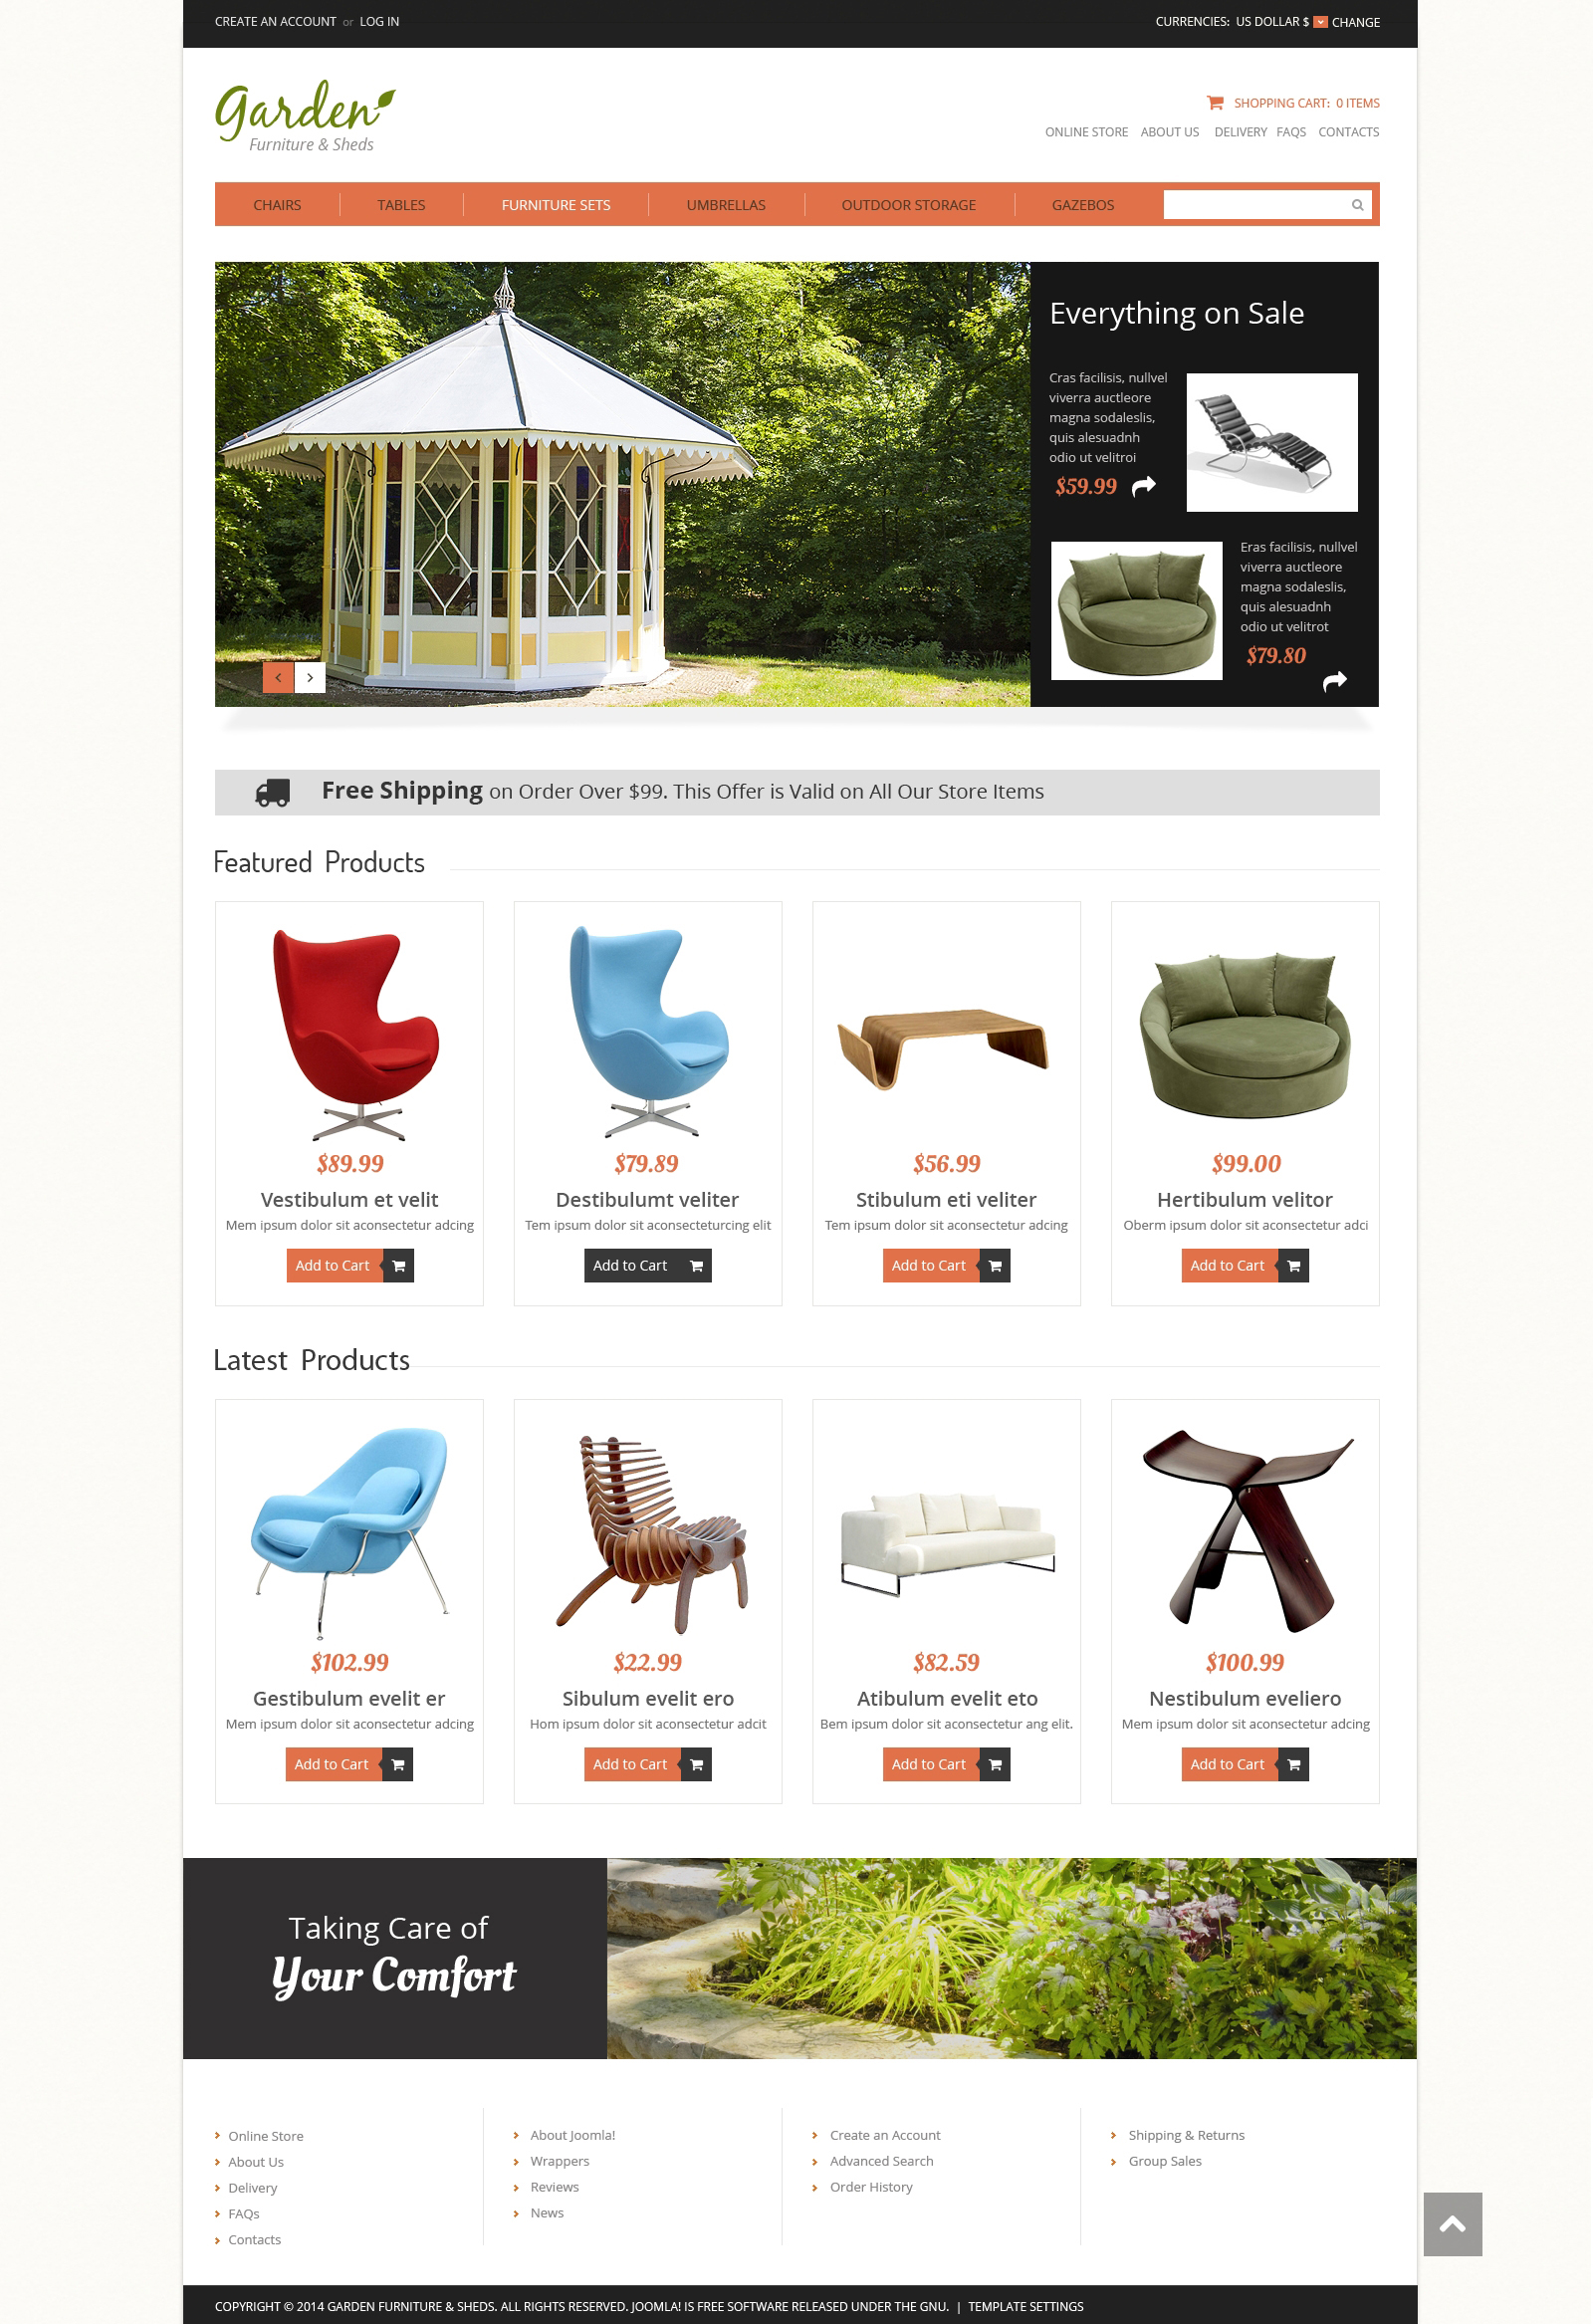 Szablon VirtueMart Sklep mebli ogrodowych #50126 - zrzut ekranu